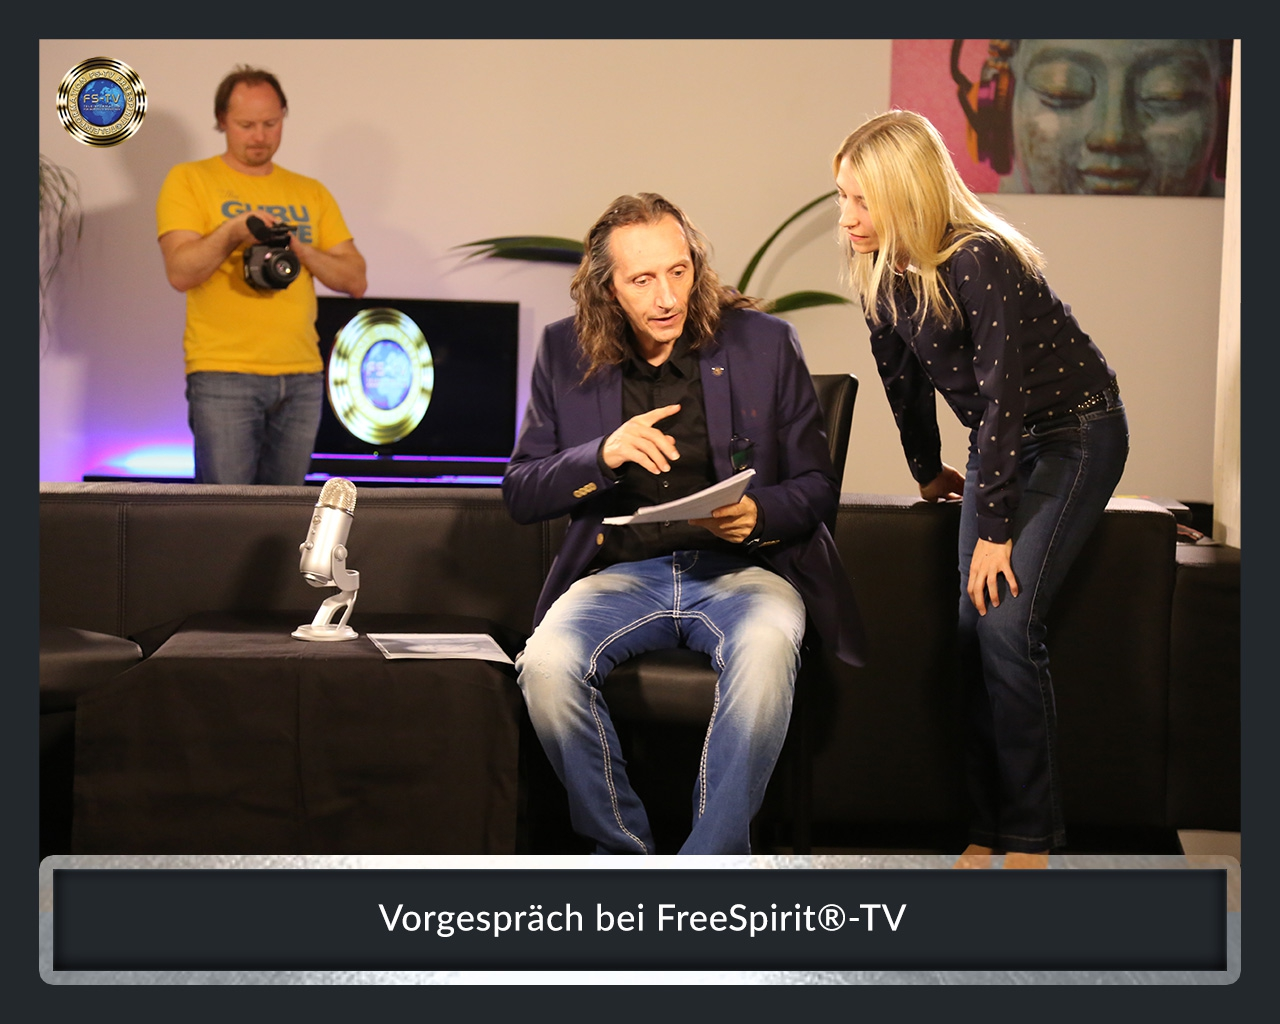 FS-TV-Bildergallerie-Last-Check